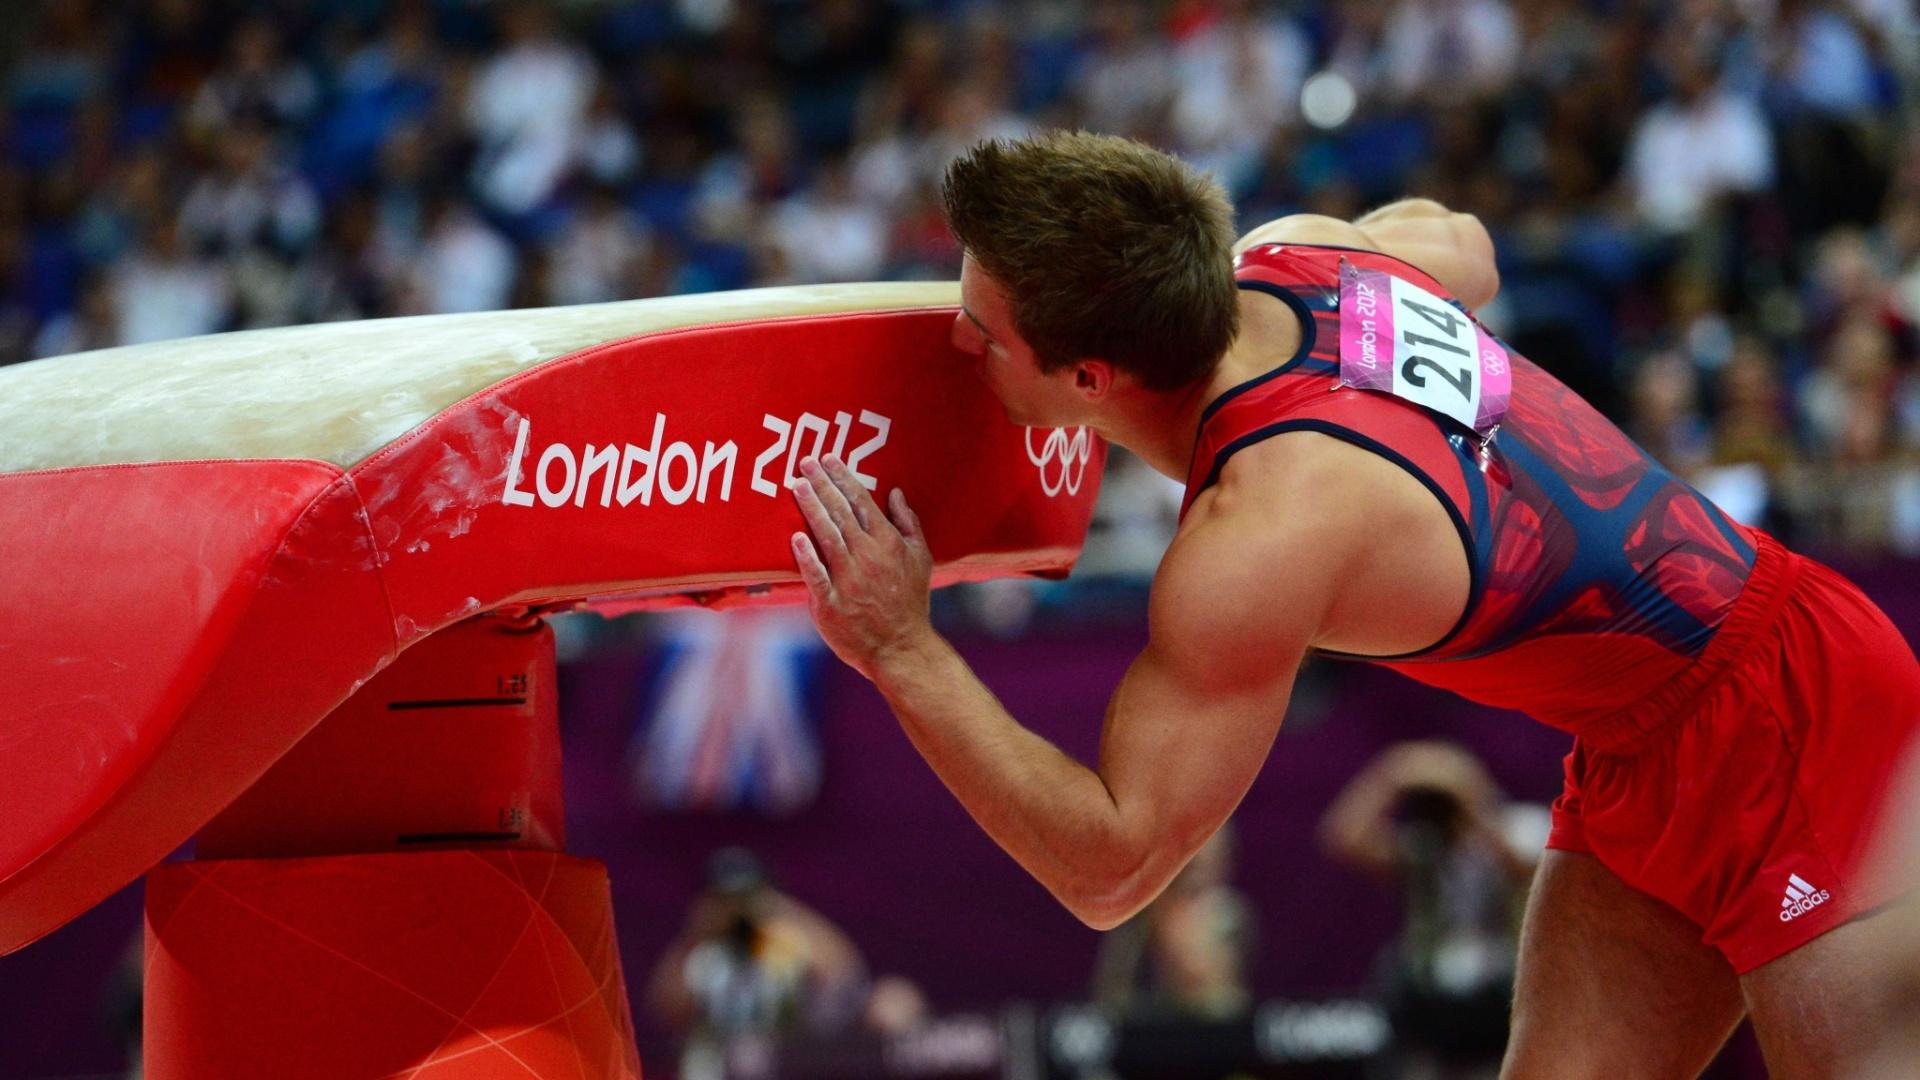 Norte-americano Samuel Mikulak beija a mesa após se apresentar na final de salto; apesar do carinho, o ginasta terminou na quinta colocação, fora do pódio